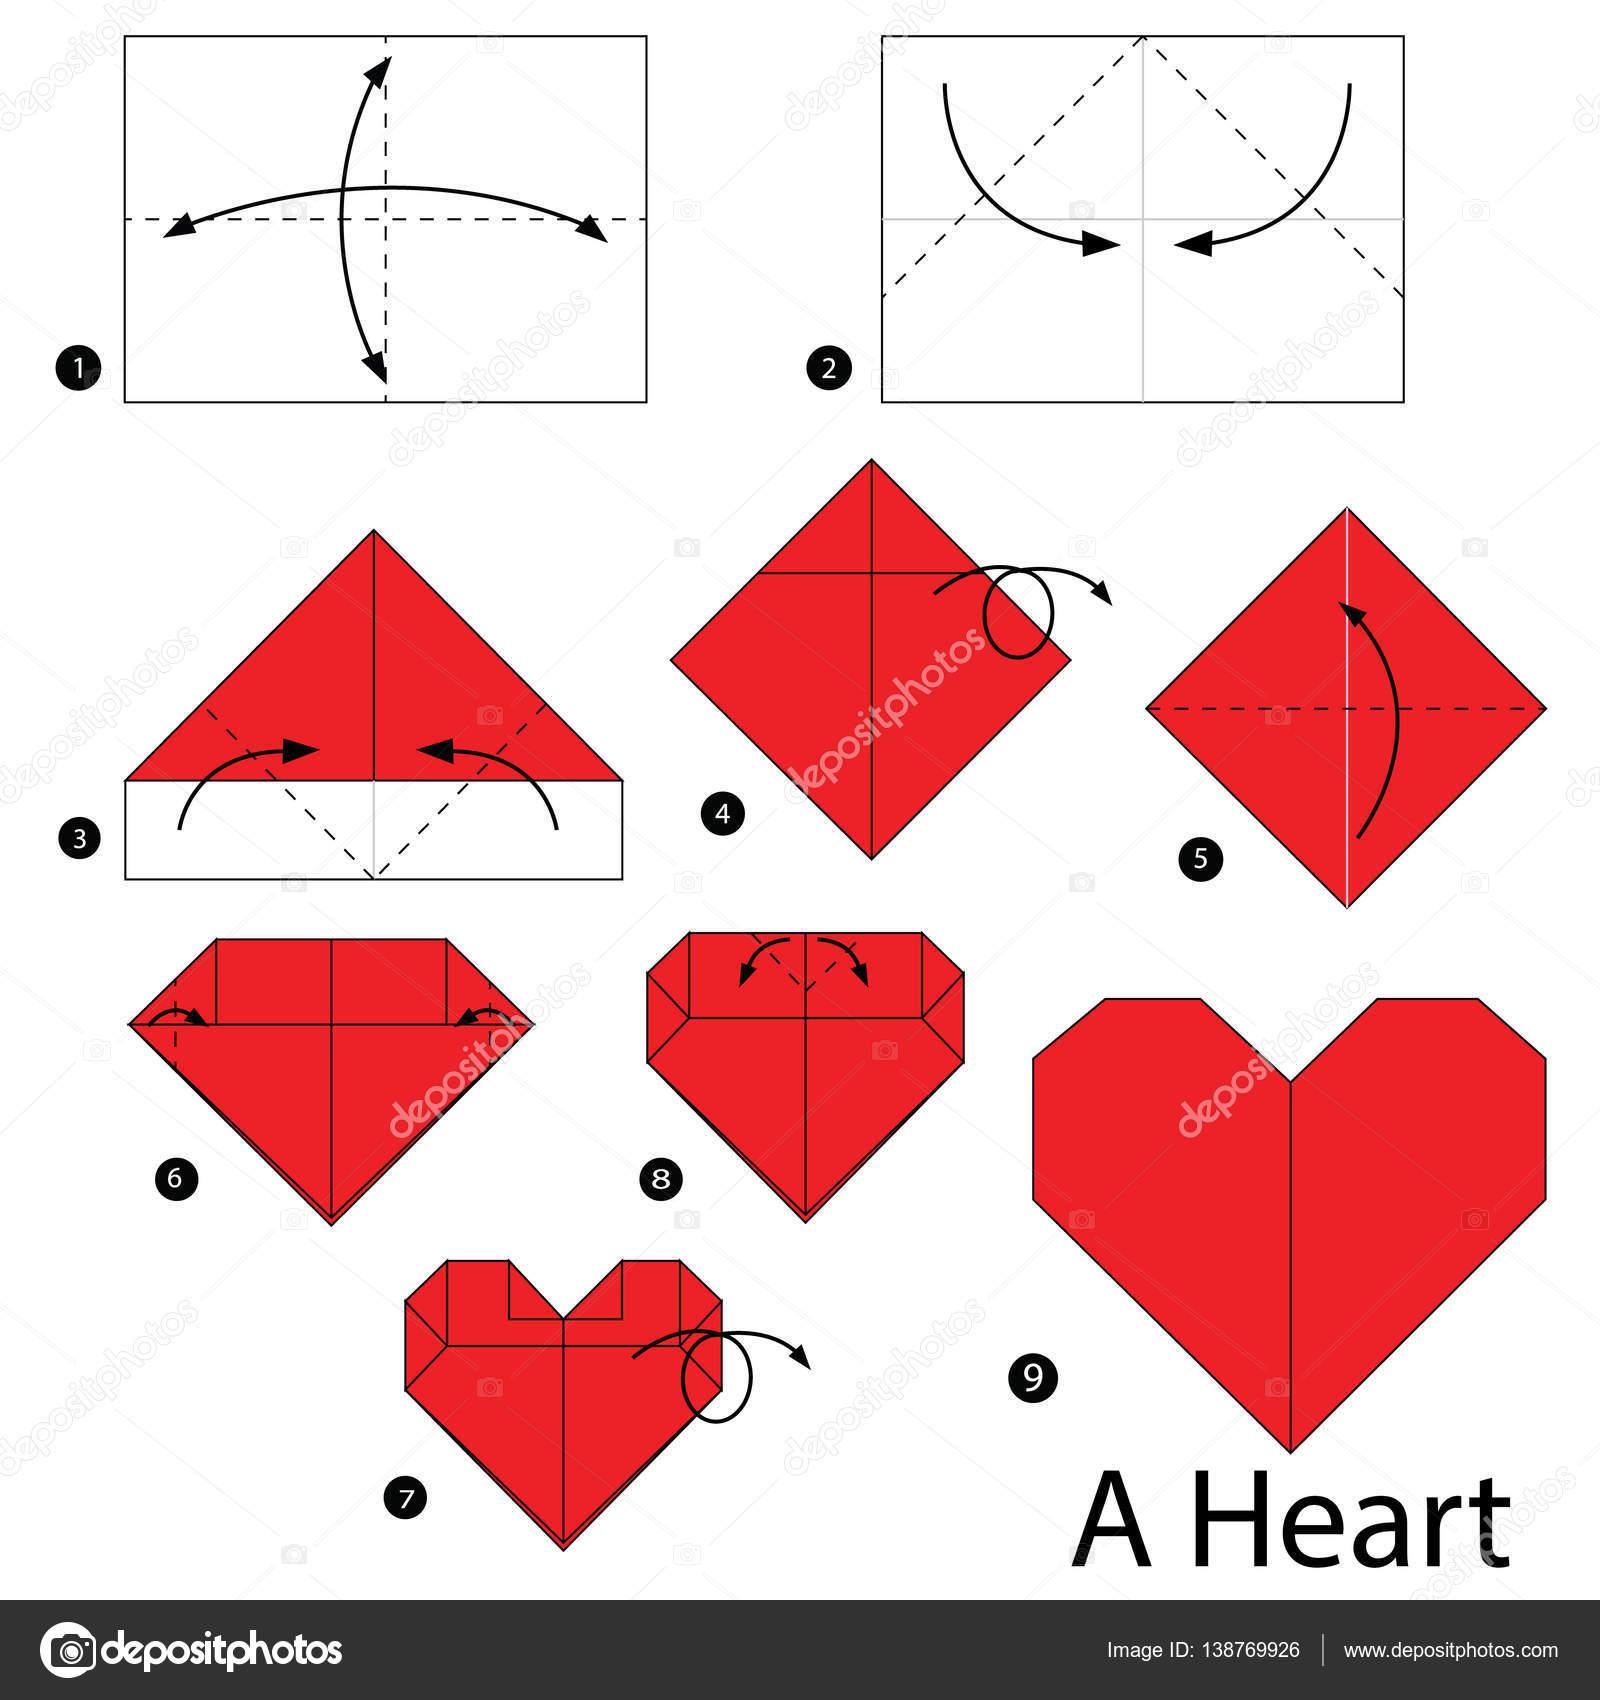 Imagenes Origami De Corazon Paso A Paso Las Instrucciones De Como - Origami-corazn